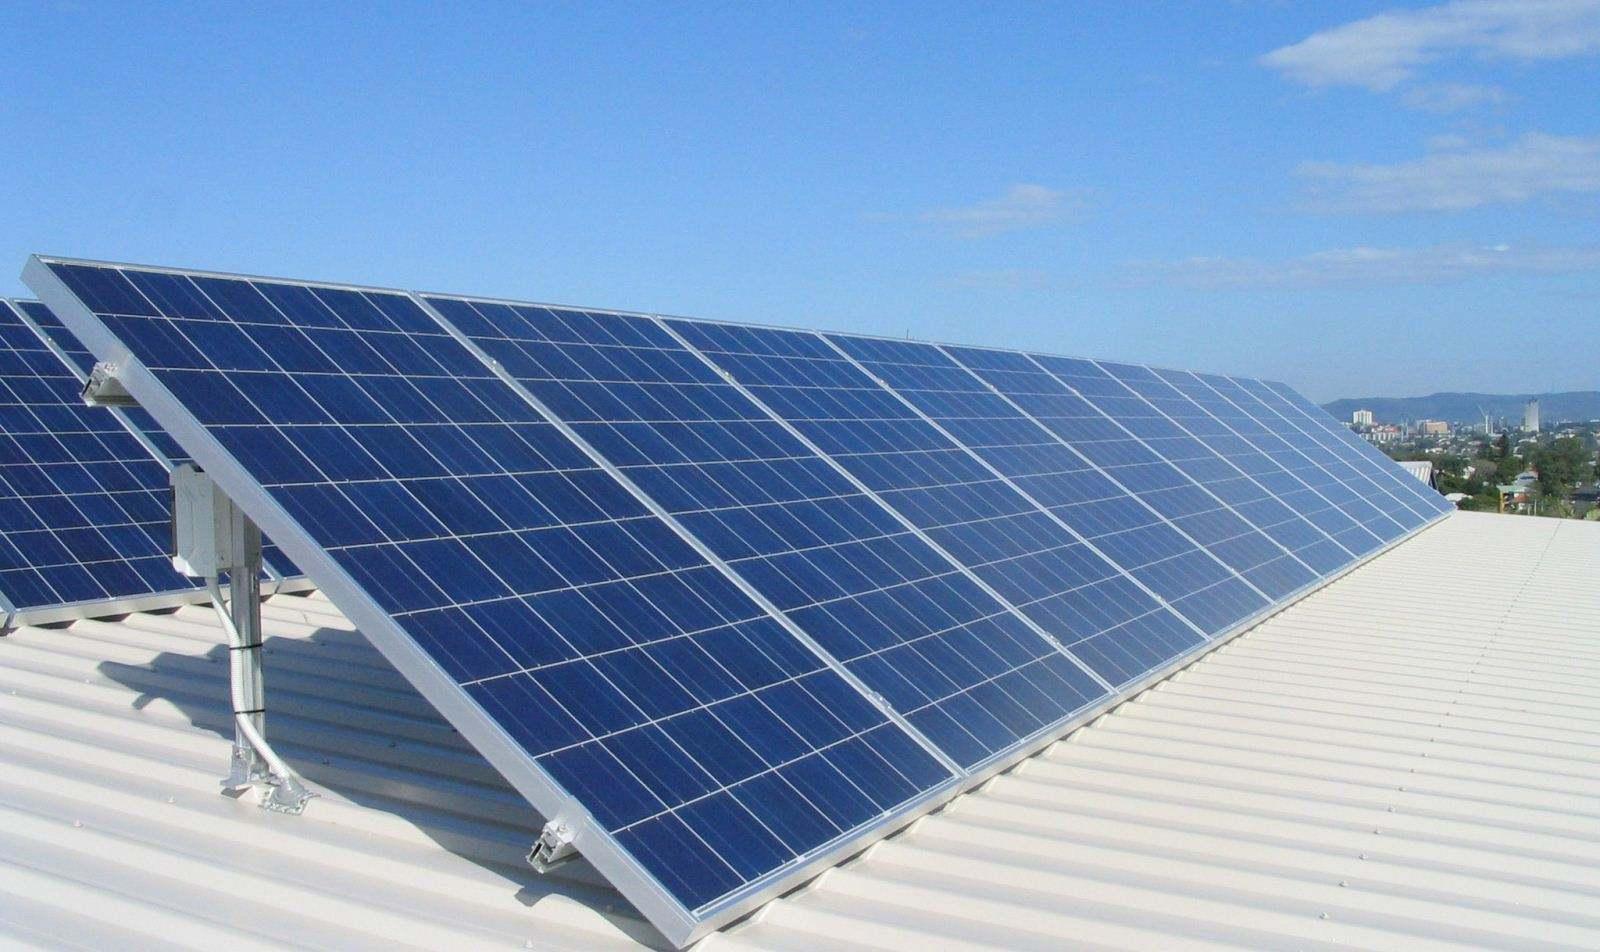 哥斯达黎加法律规定太阳能发电不能超过需求15%